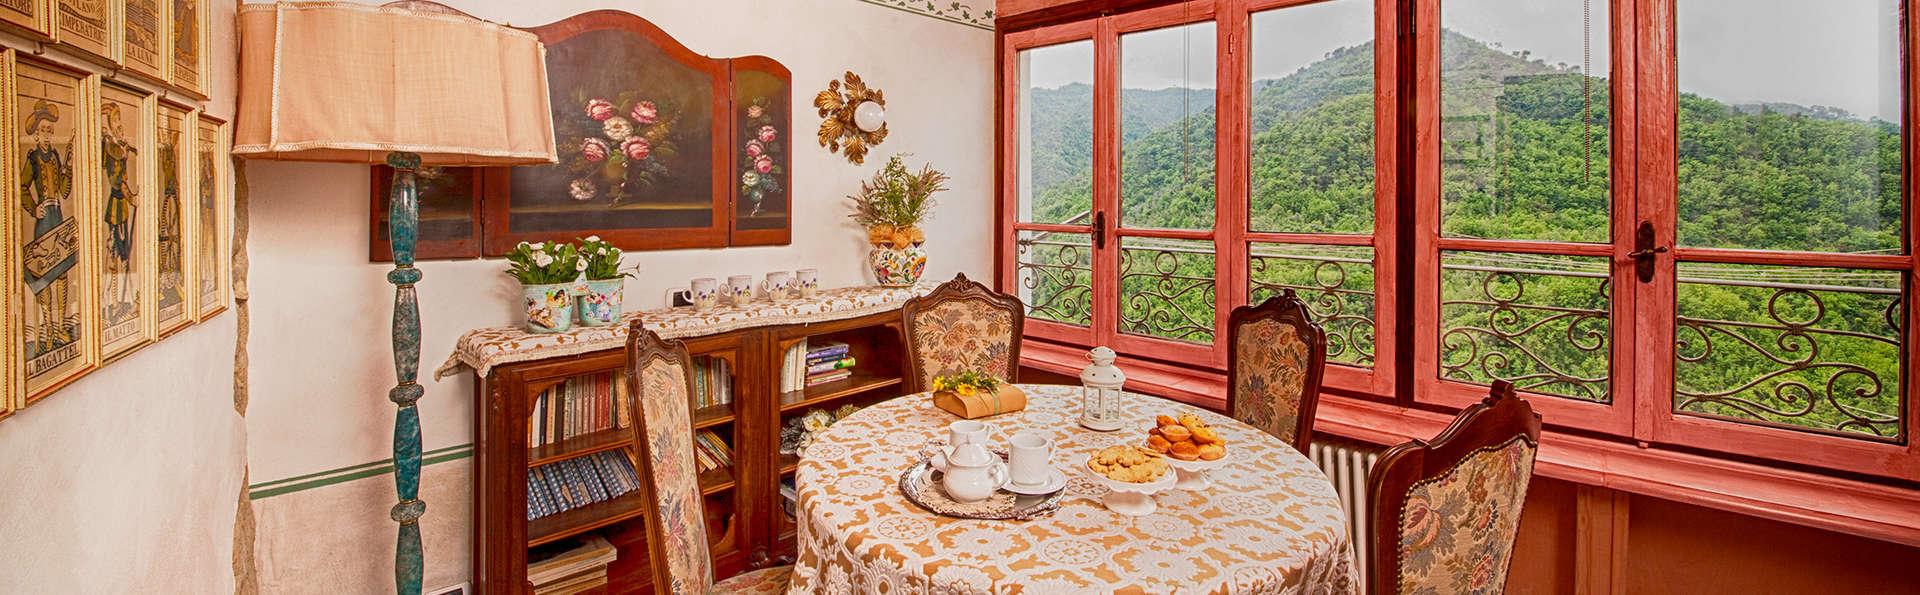 Week-end détente dans le superbe Borgo Ligure